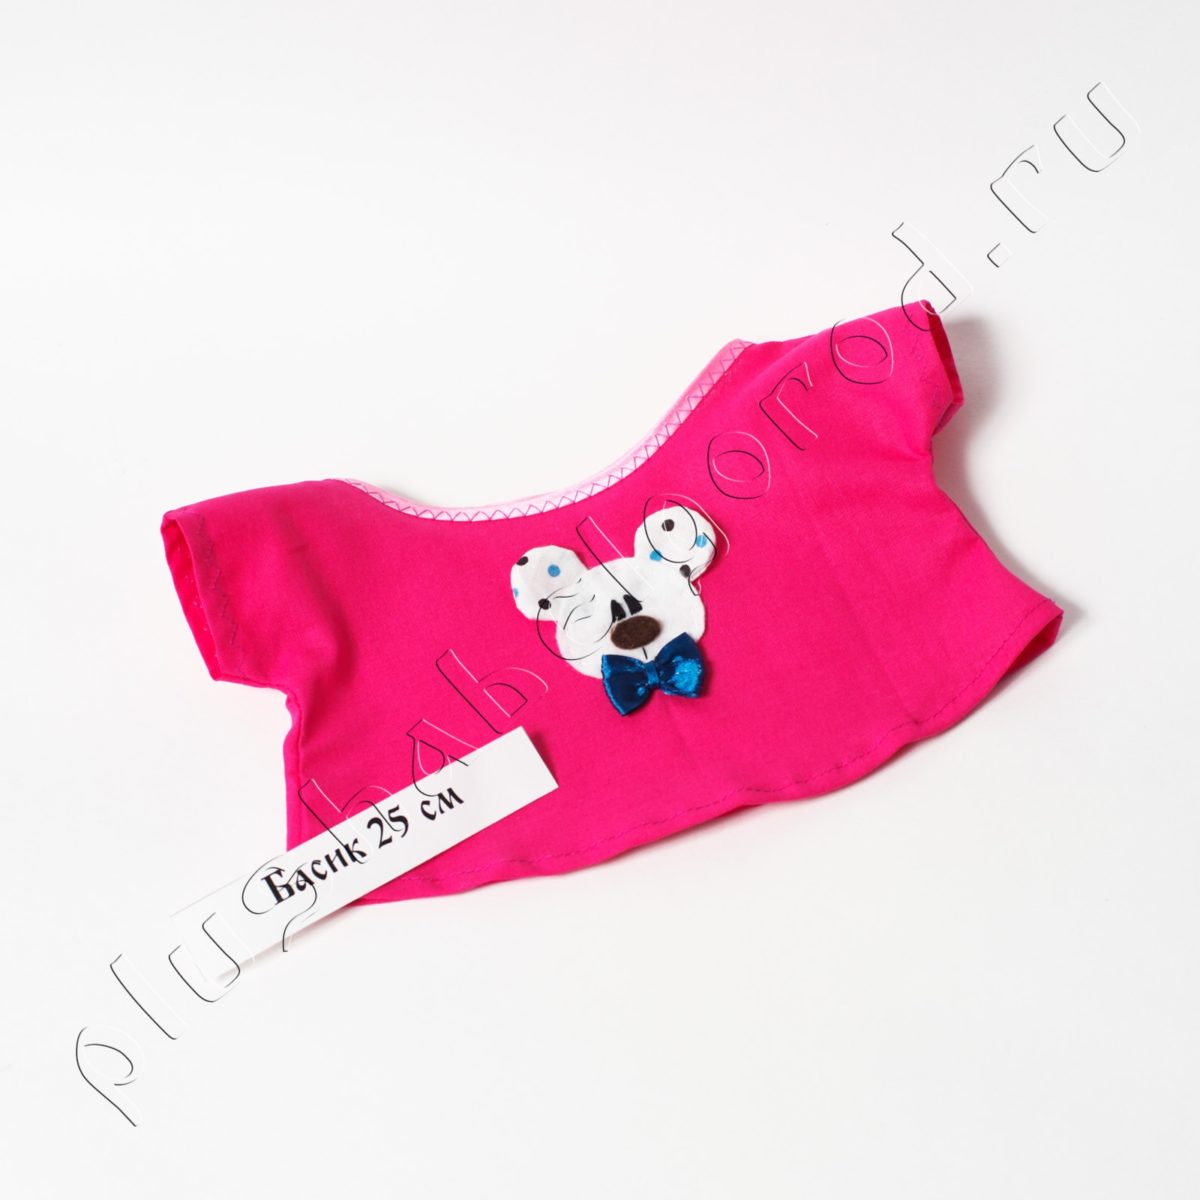 Футболка розовая с милым мишкой